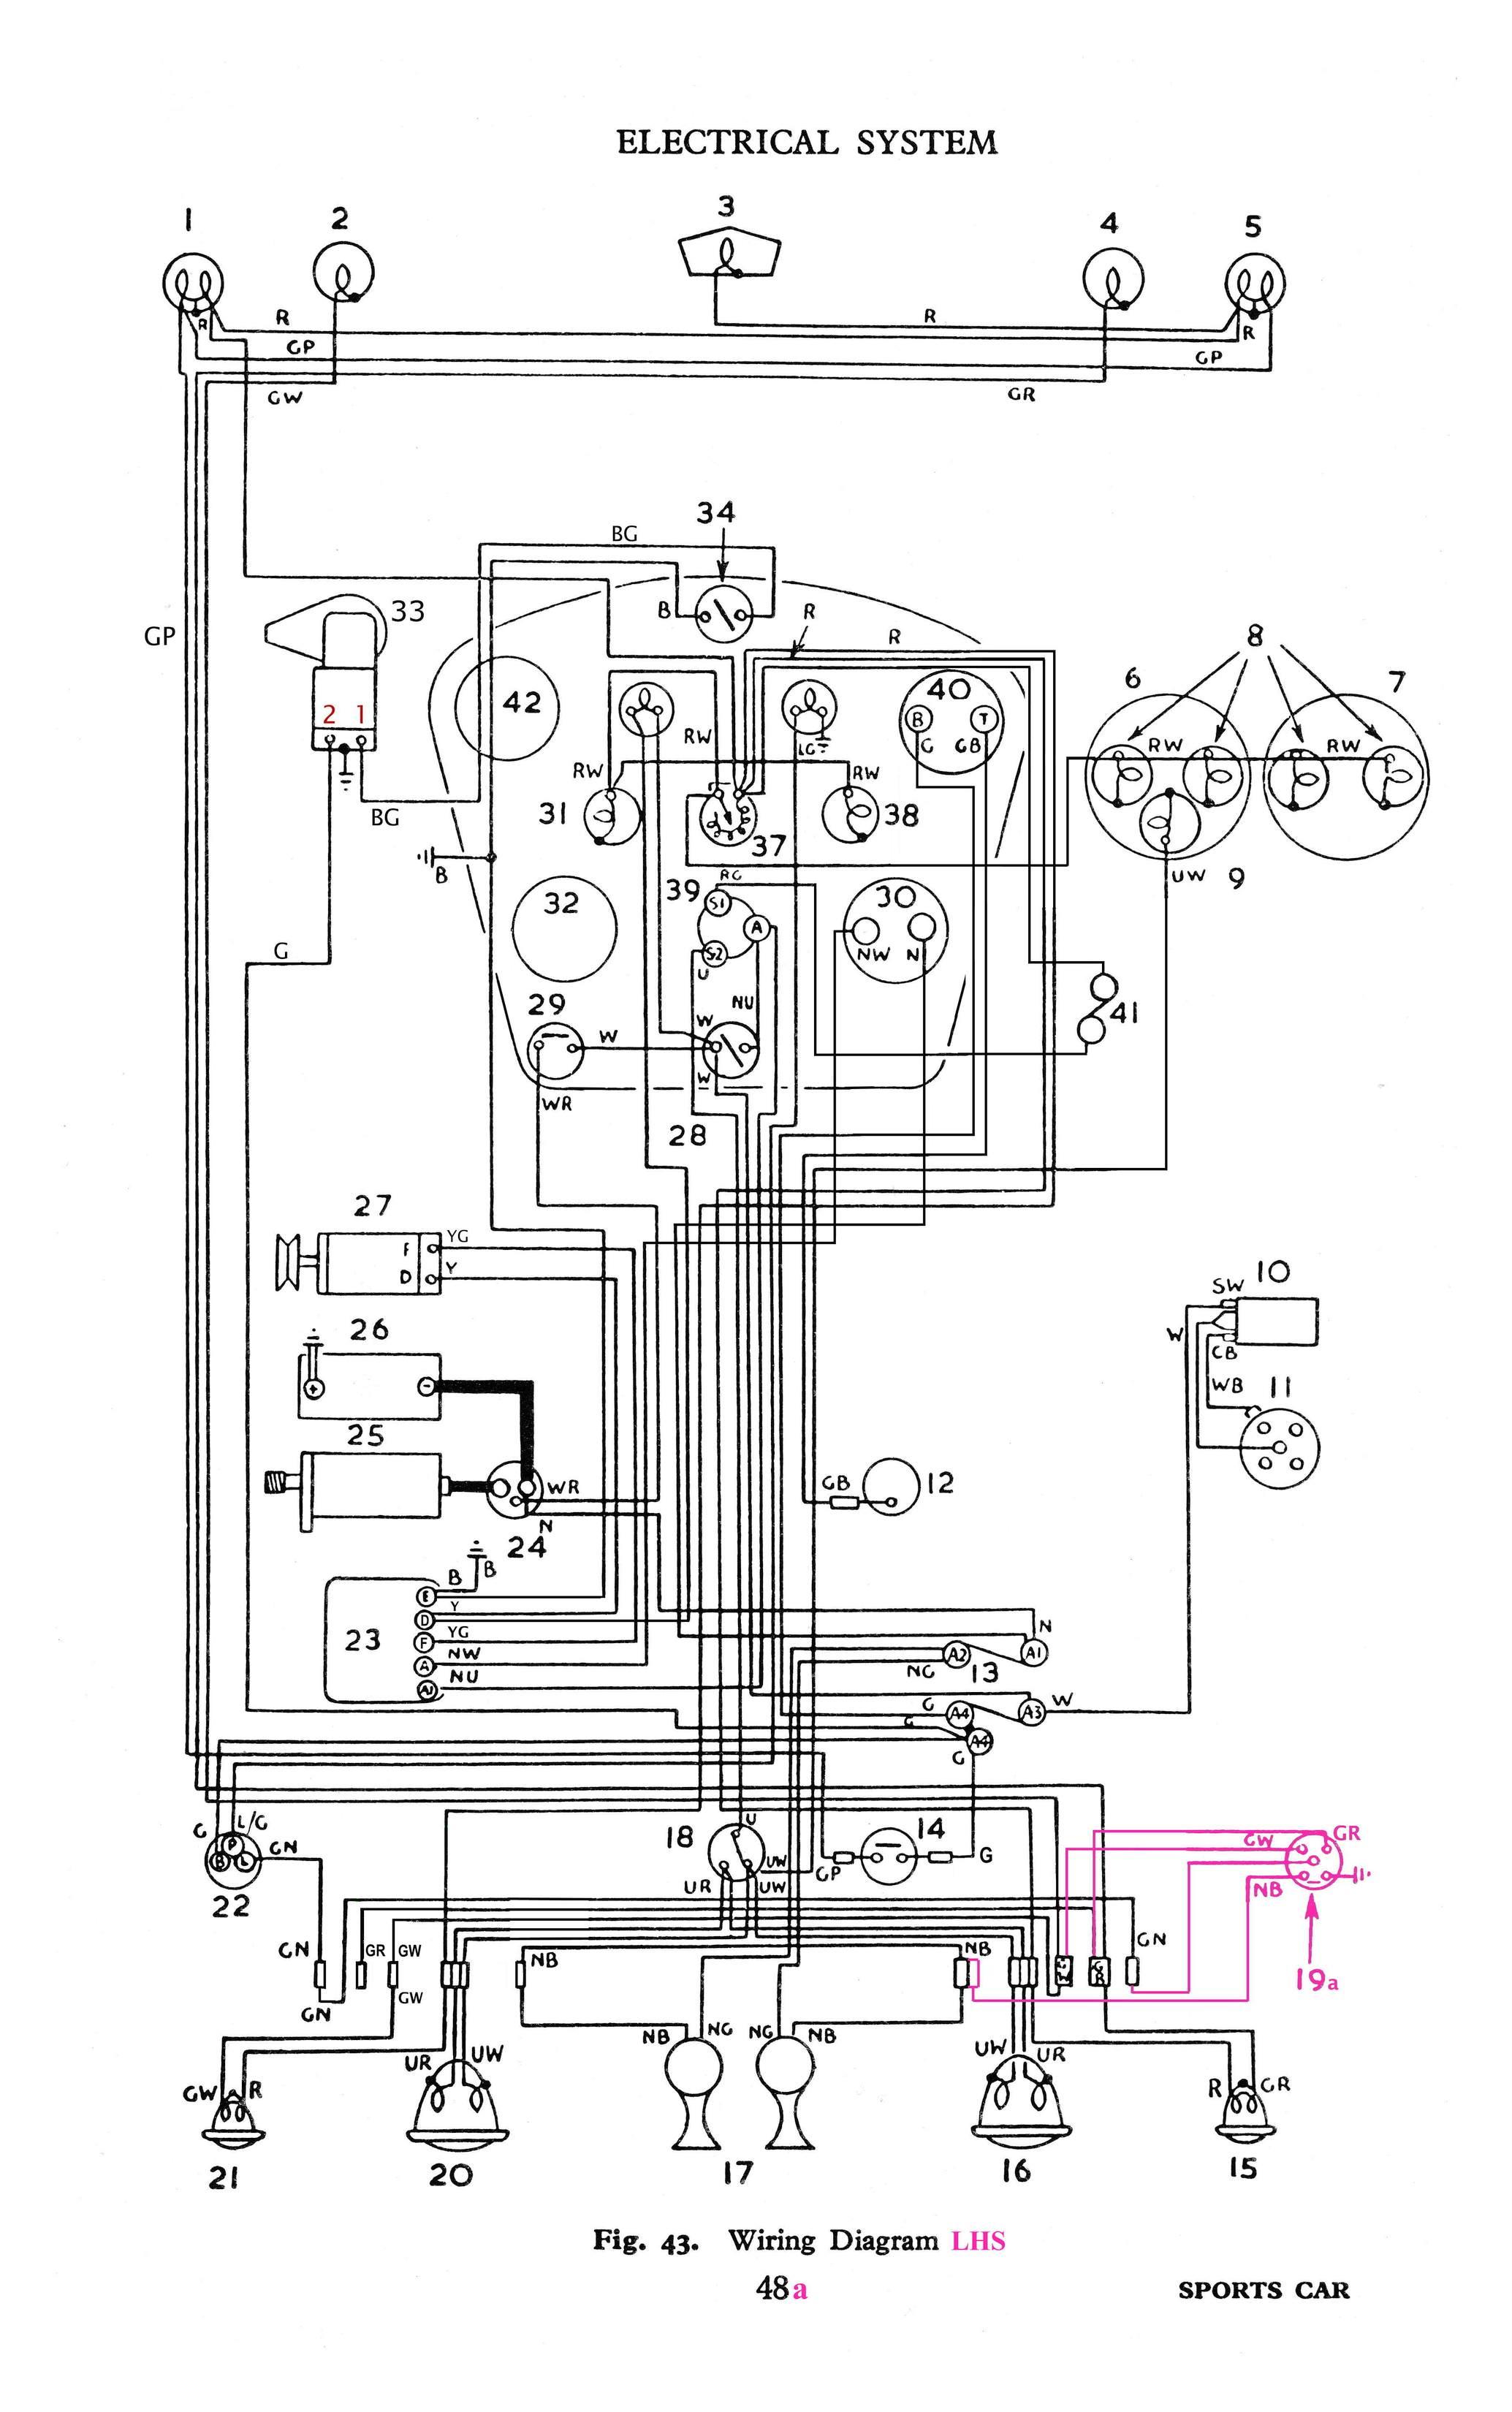 Wiring Diagram Triumph Tr3A : Diagram Triumph Tr3a Wiring